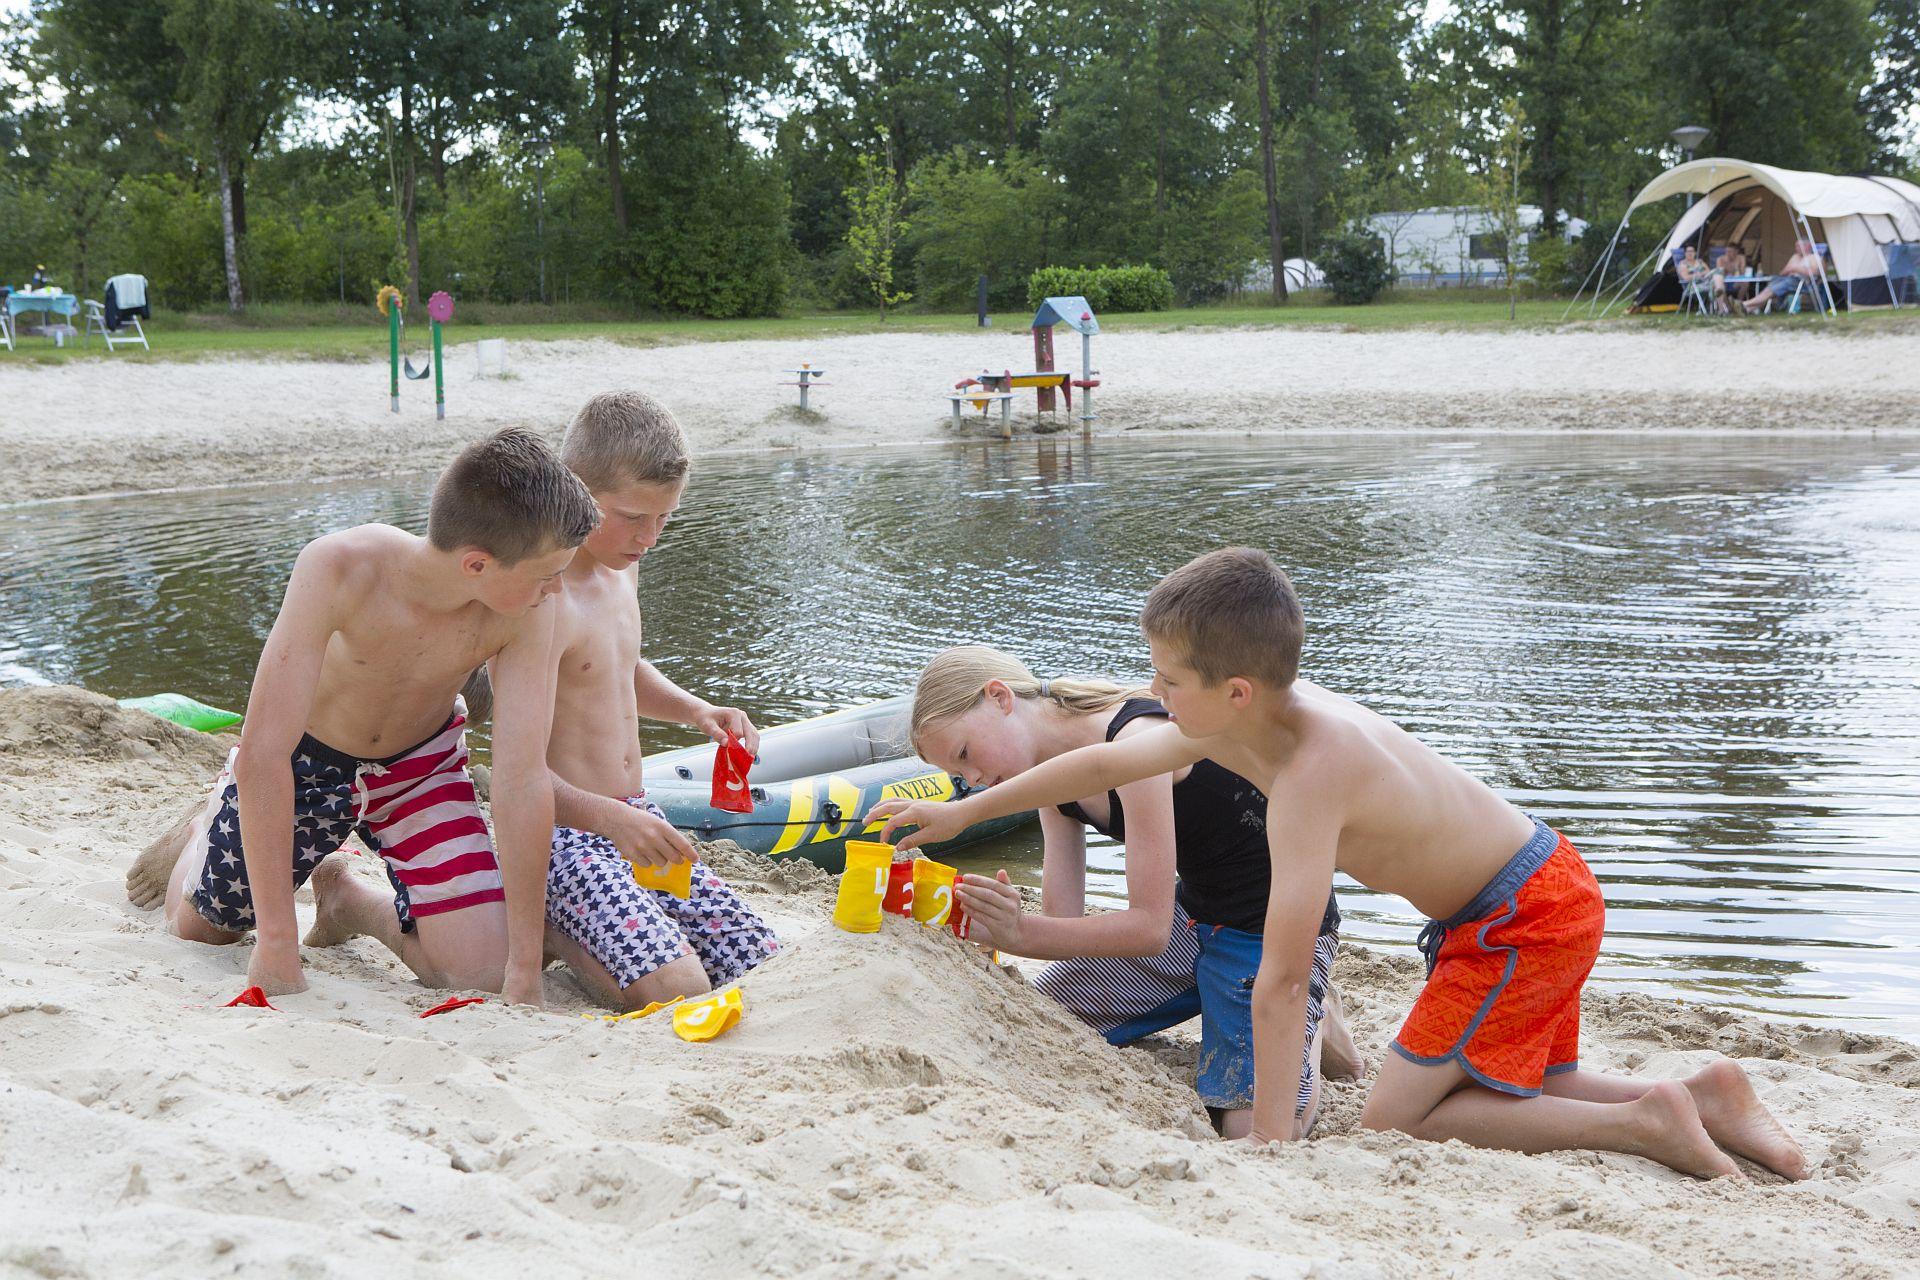 Kindvriendelijke 5 sterren camping in het Vechtdal Overijssel